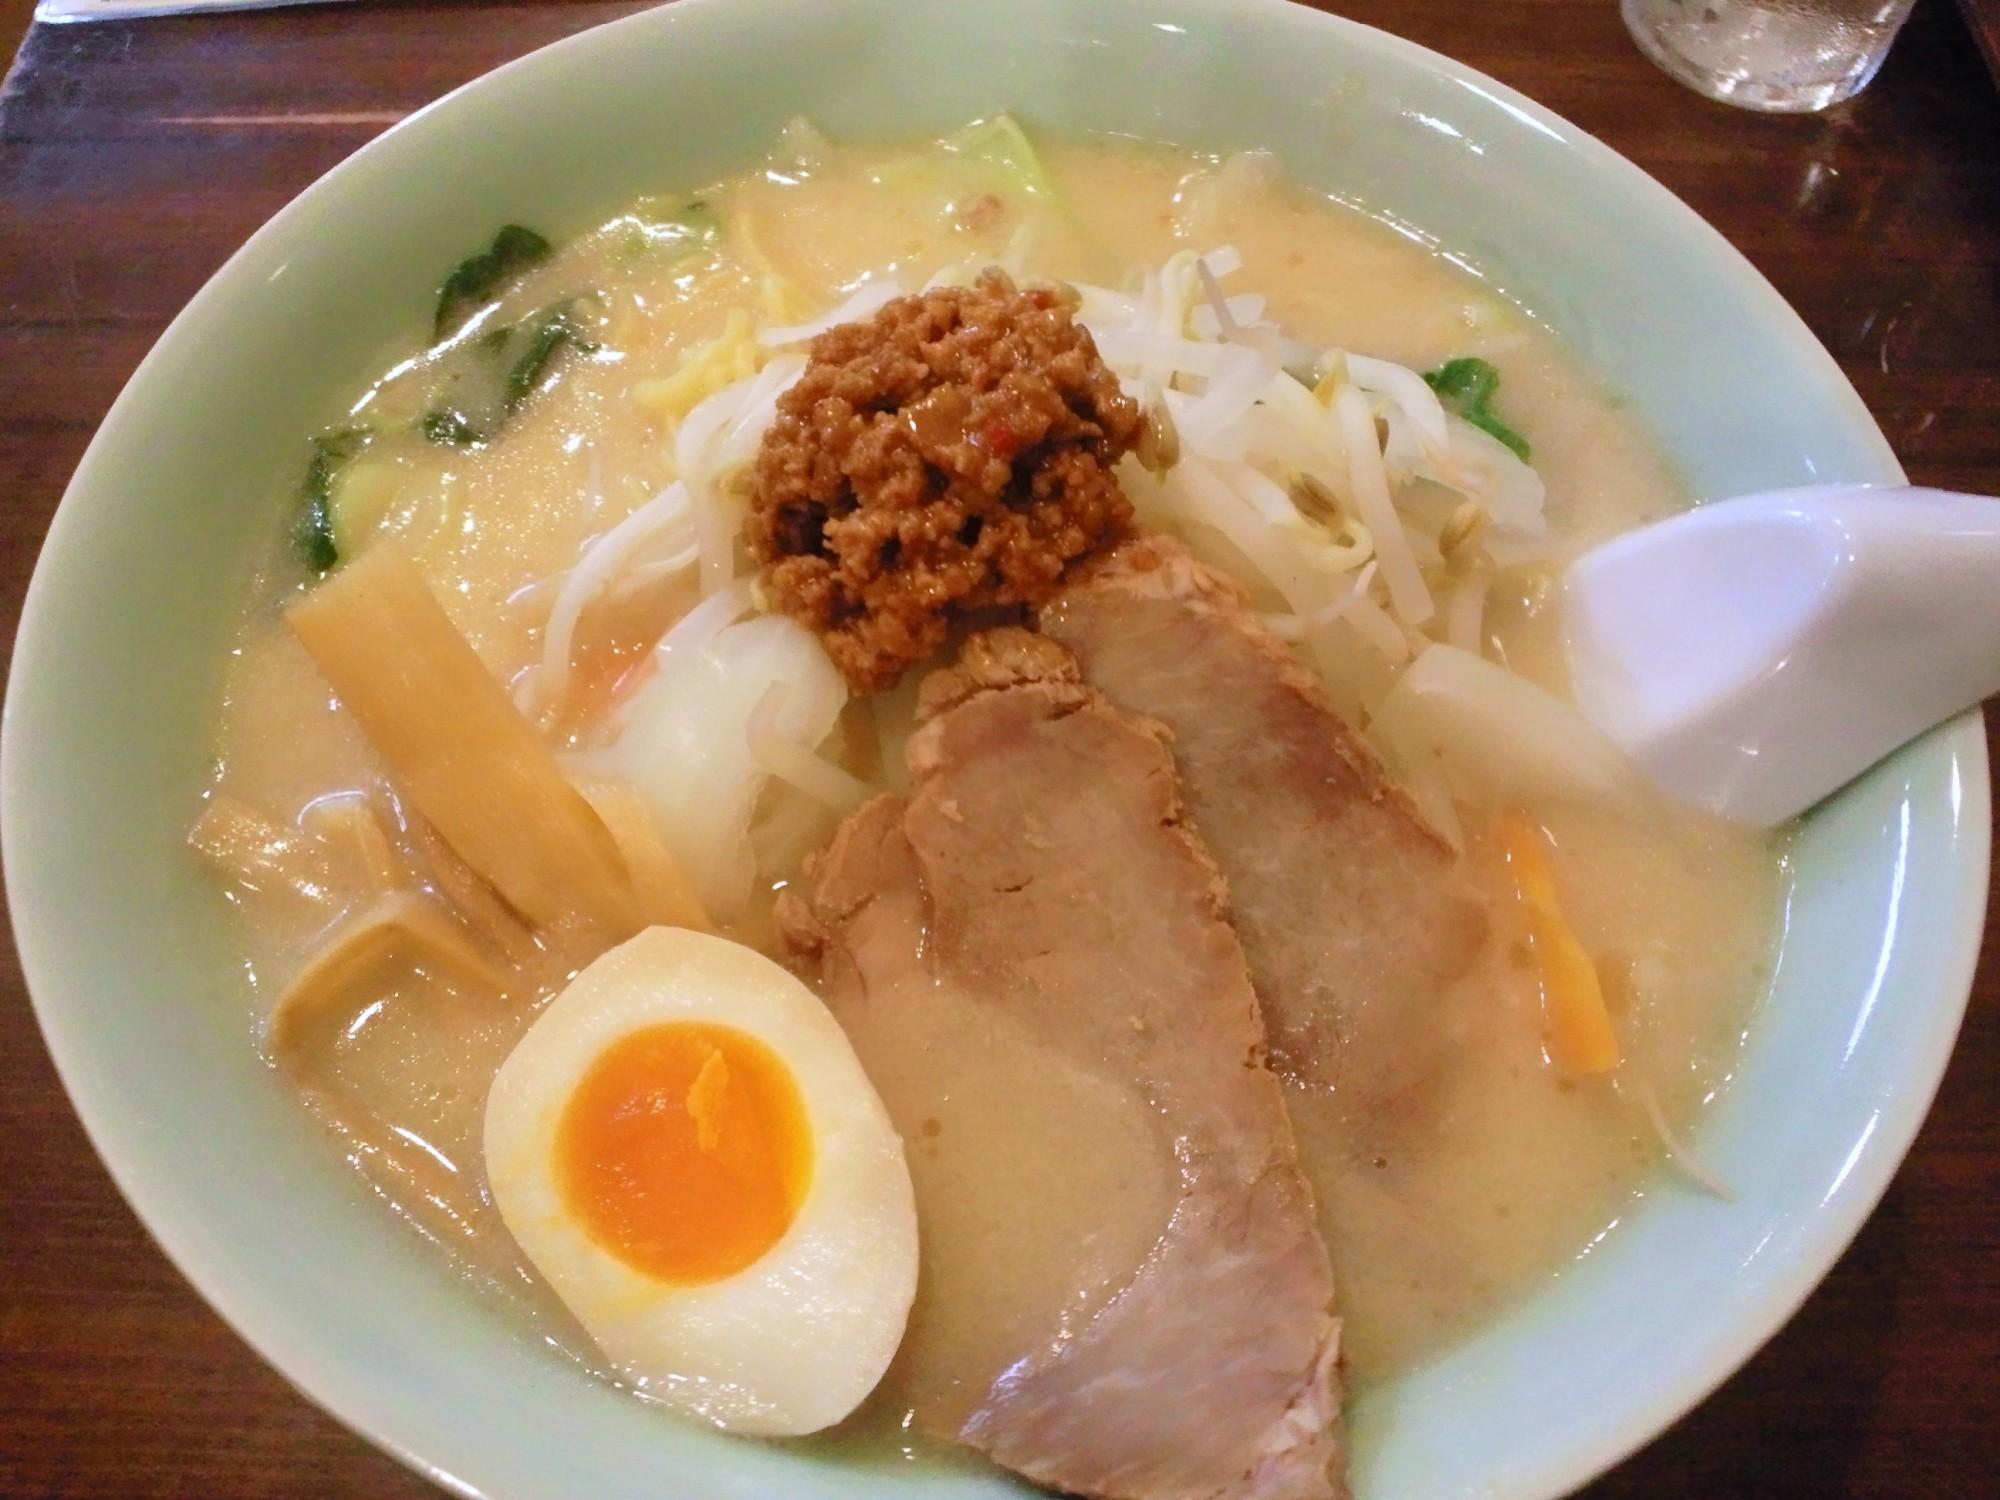 「外食レストラン新聞」連載 (12) サンプル紙プレゼント